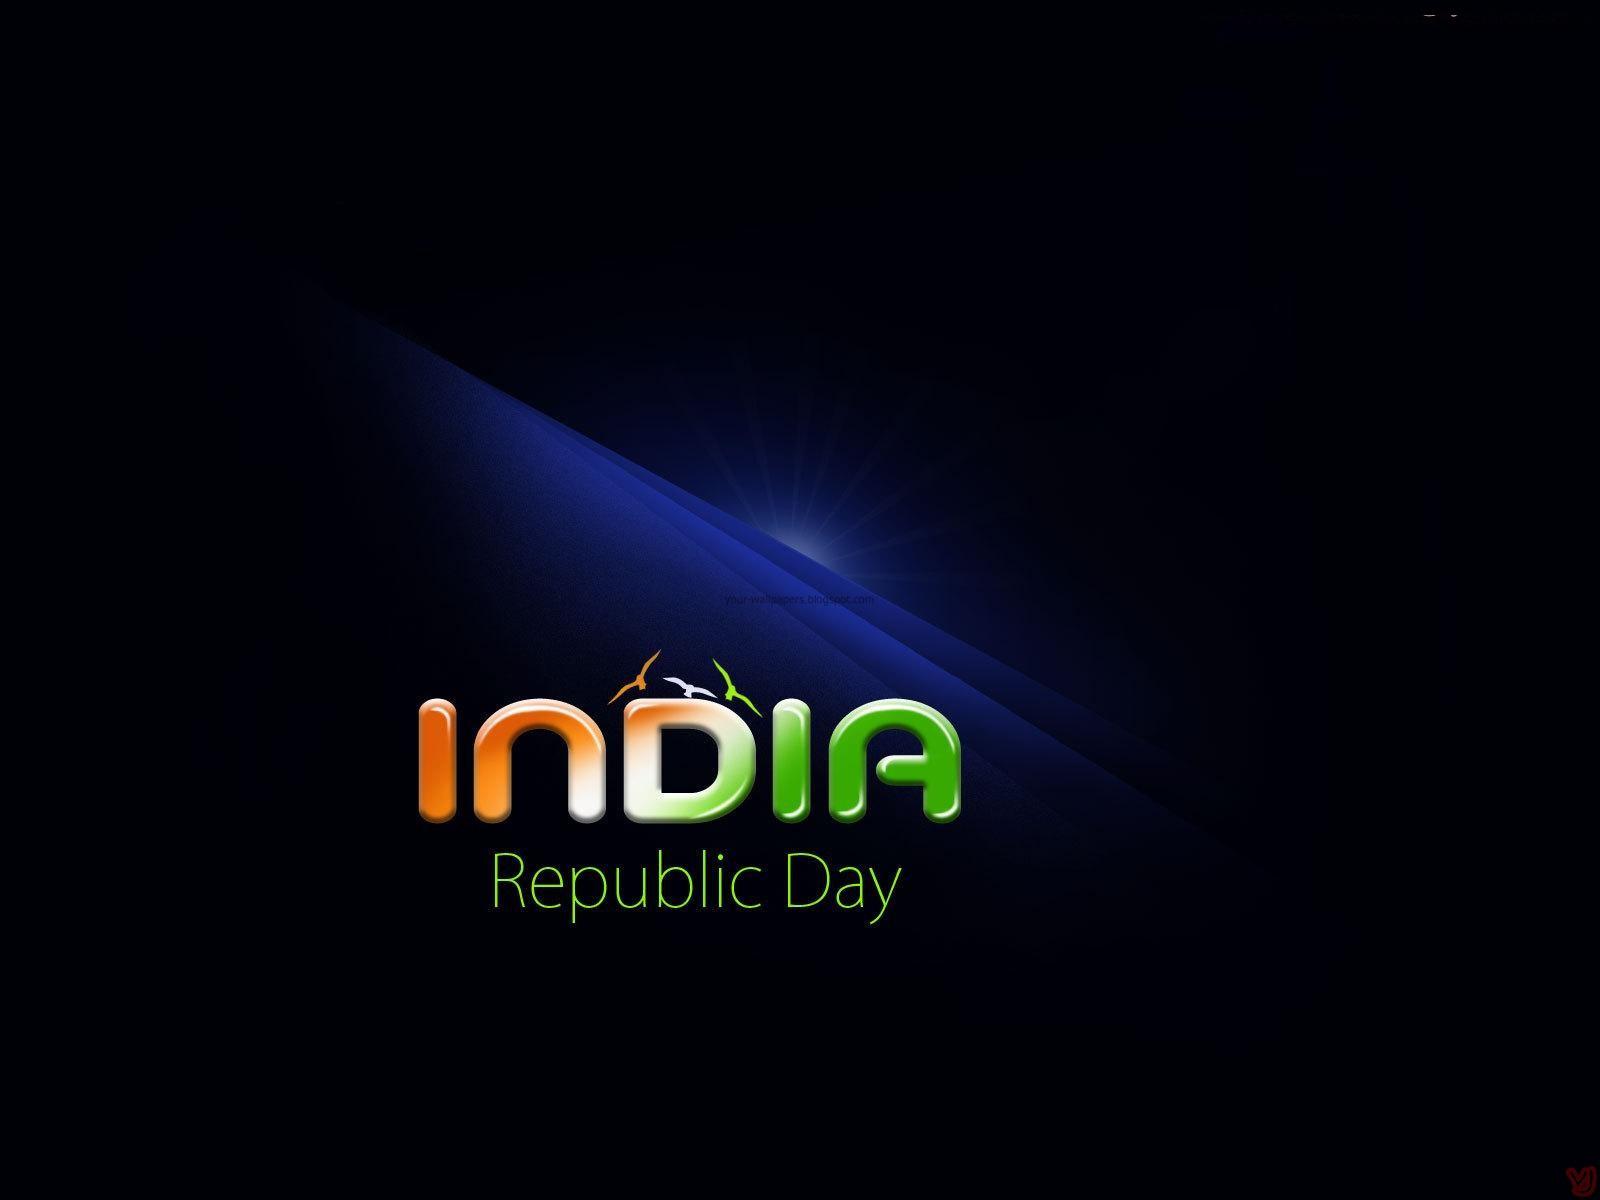 http://4.bp.blogspot.com/-OkraRadLDvg/TyBjsDT5wwI/AAAAAAAAAyU/v443Nuip3iA/s1600/happy-republic-day-1.jpg